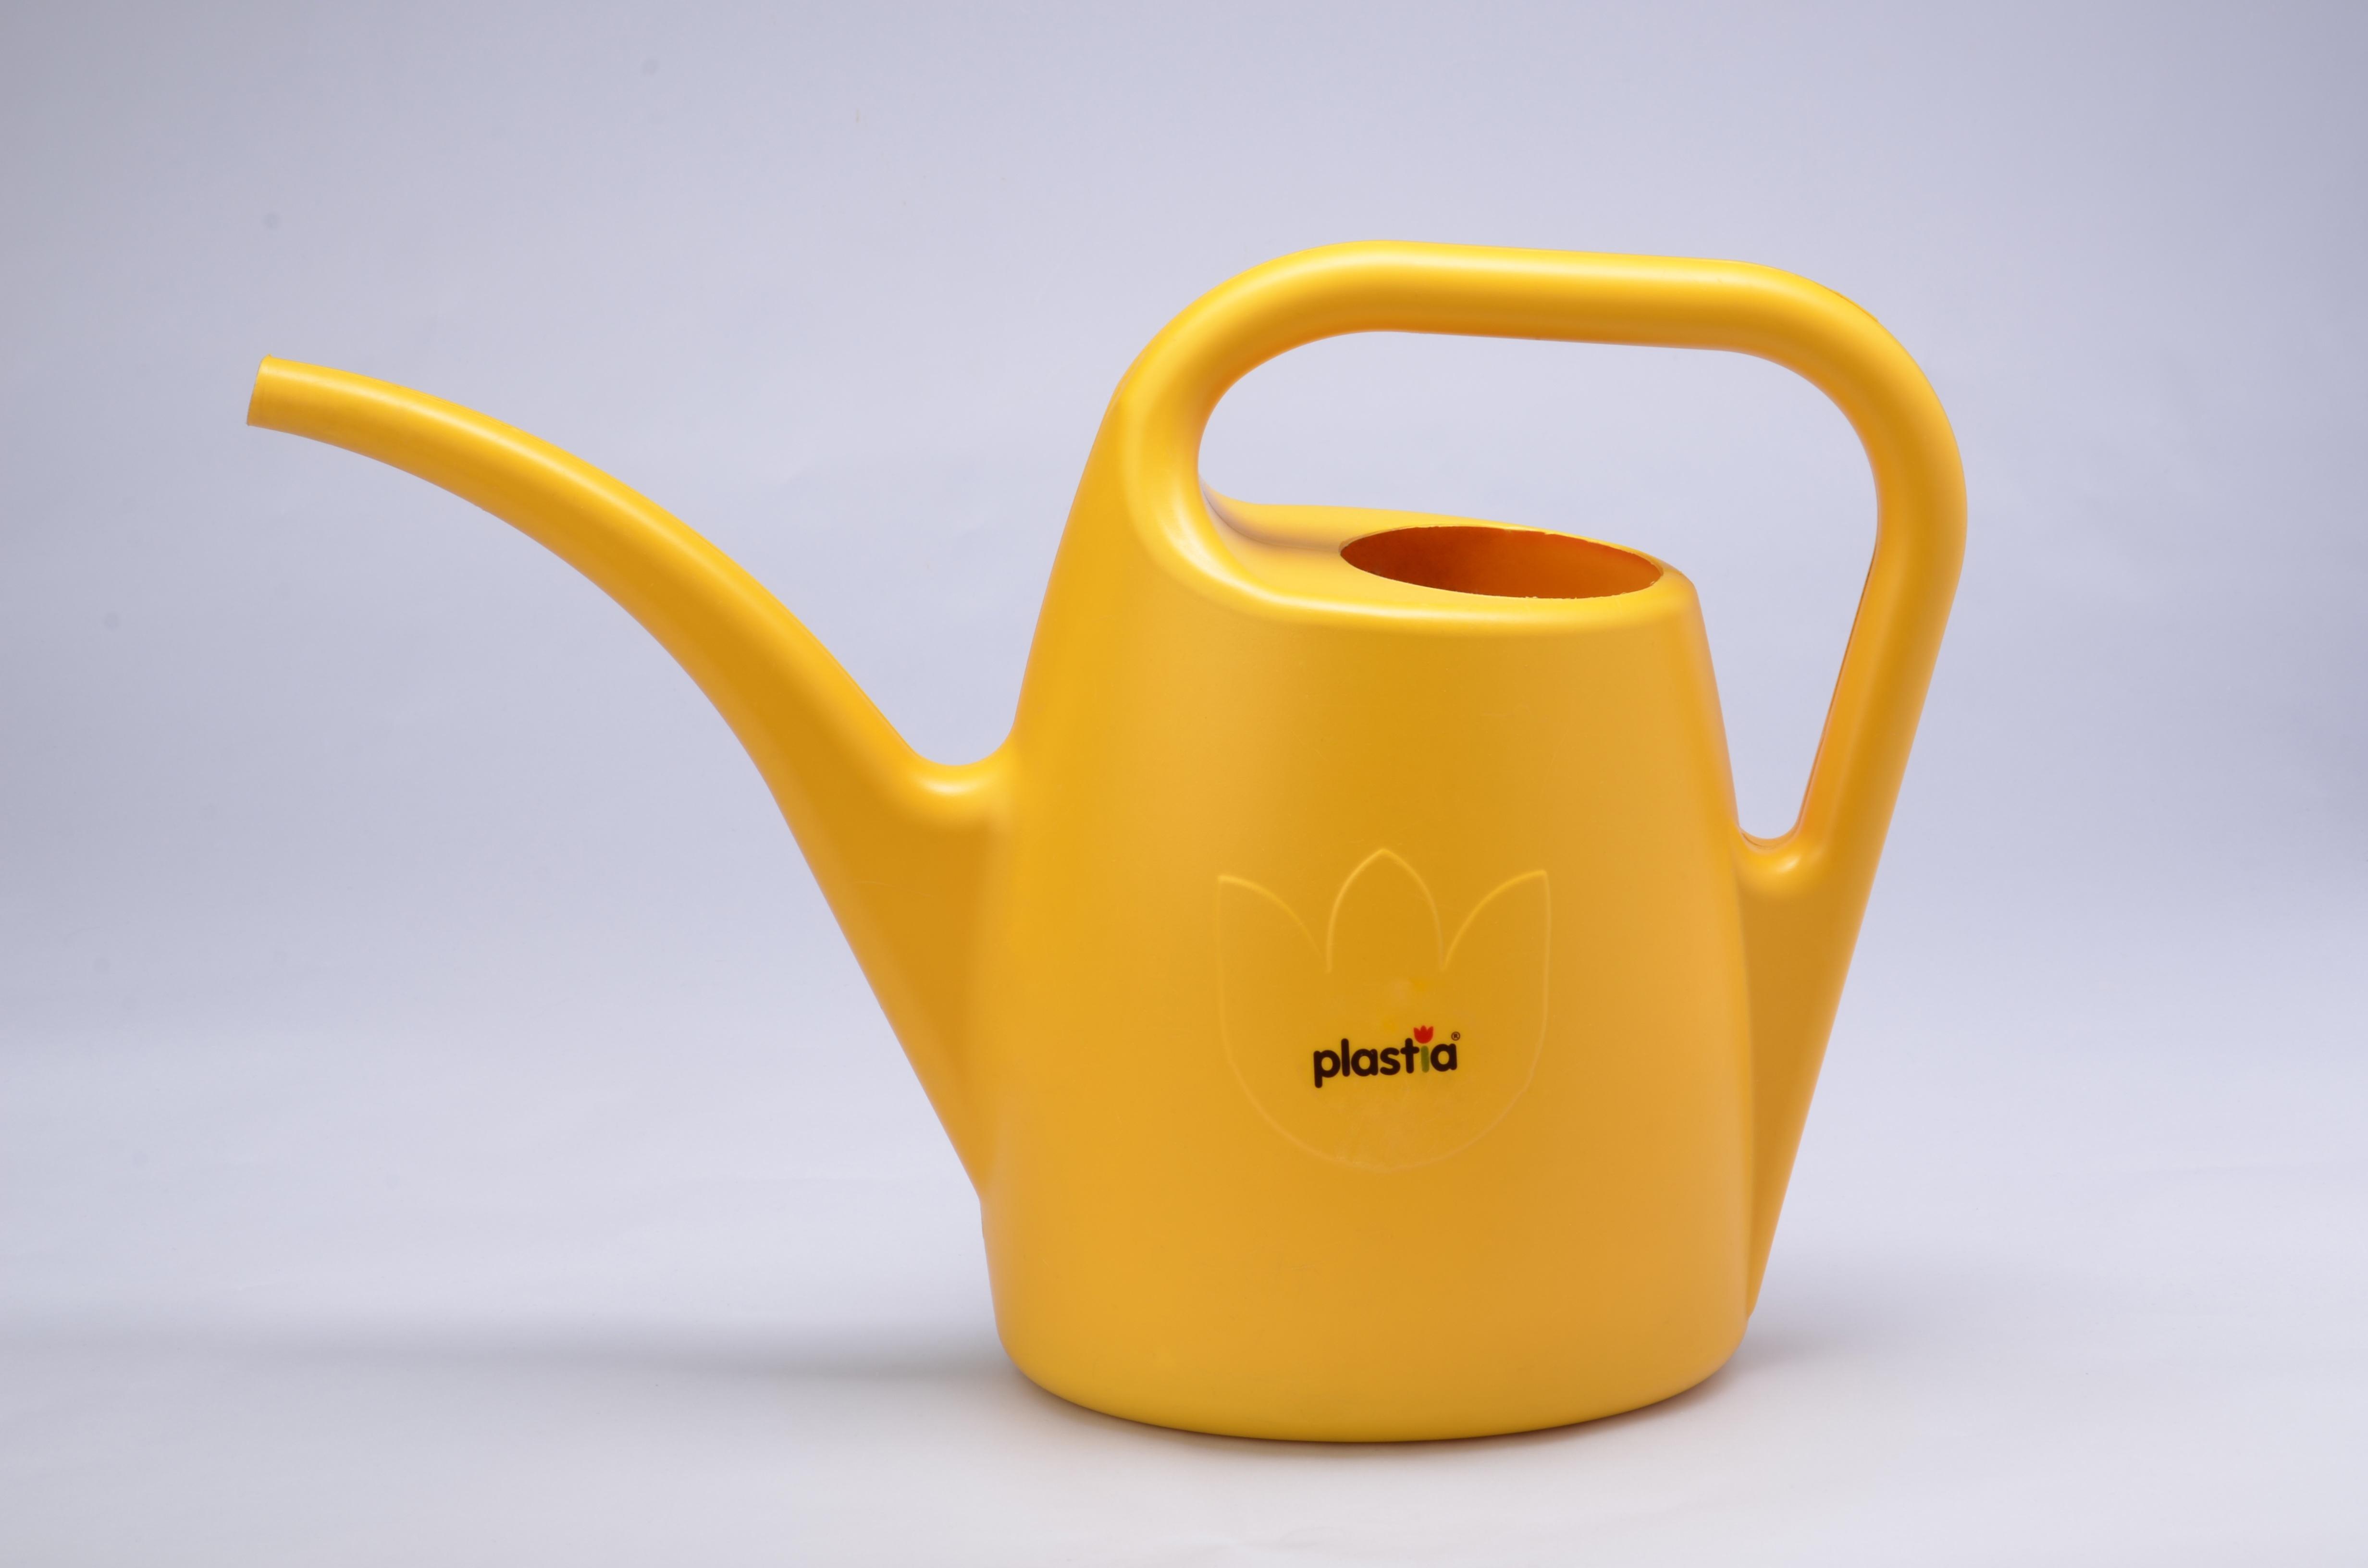 Gambar Teko Cangkir Keramik Kuning Kendi Produk Usaha